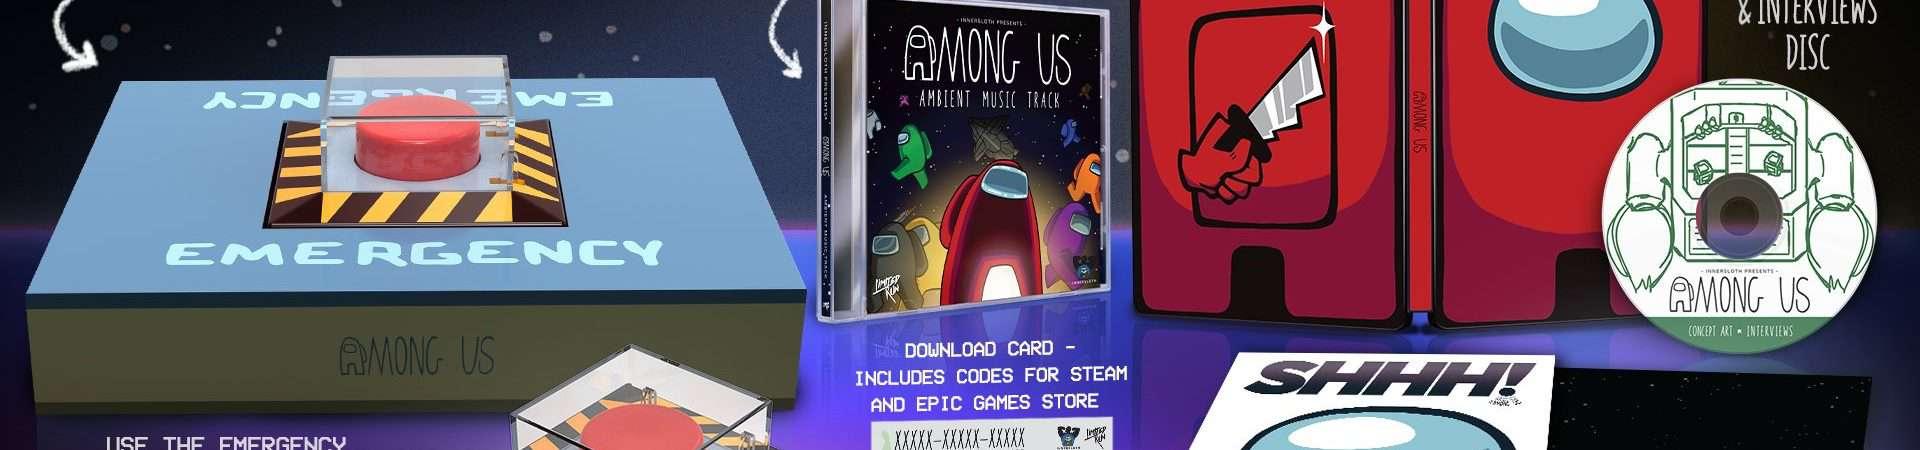 'Among Us' ganha edição de colecionador com botão real para reunião de emergência. Imagem: Limited Run Games/Reprodução